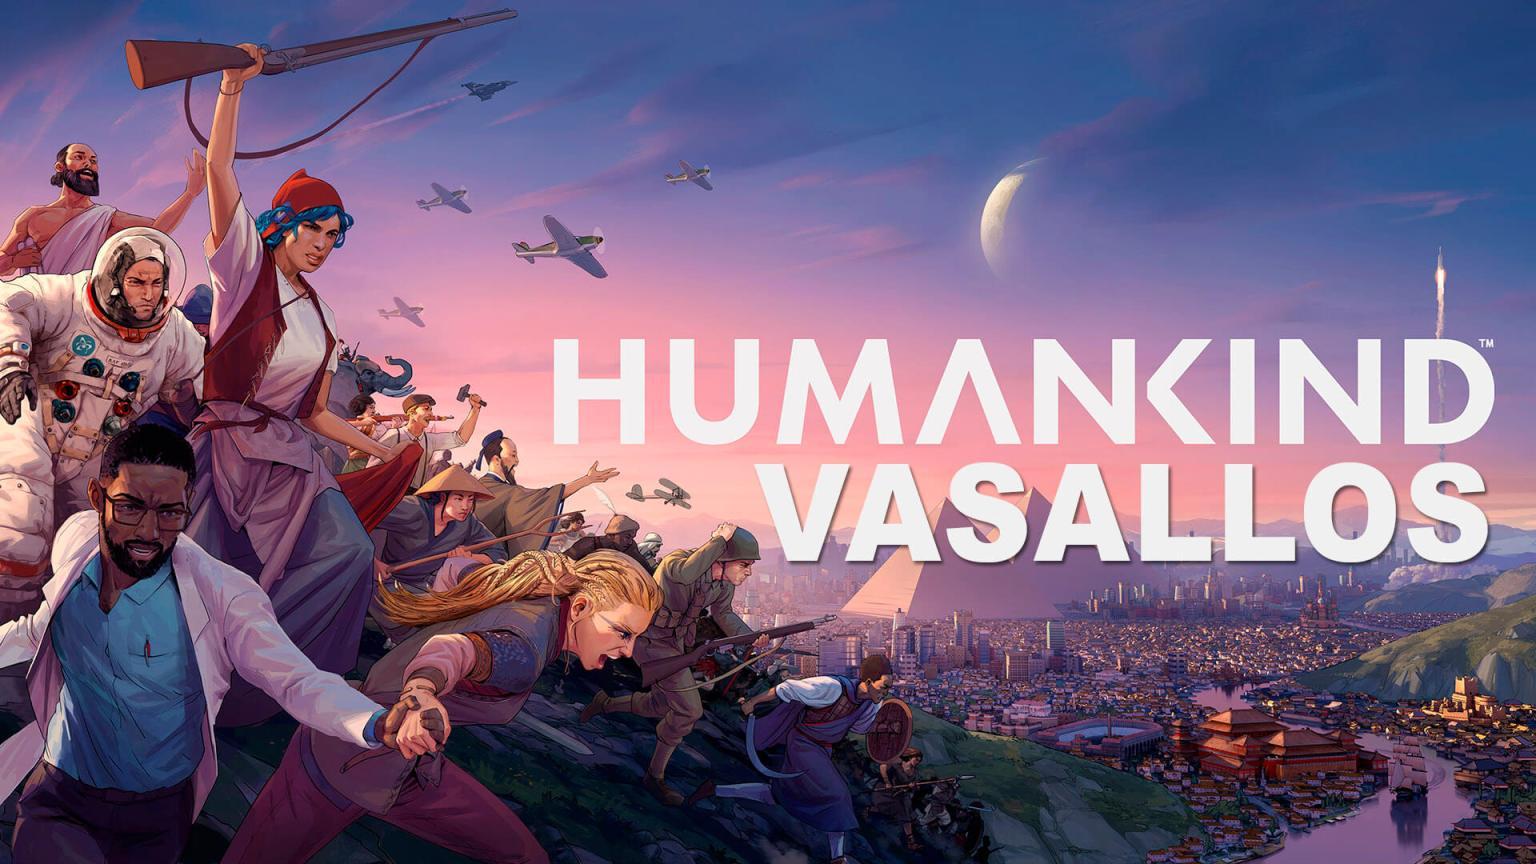 Vasallos humankind